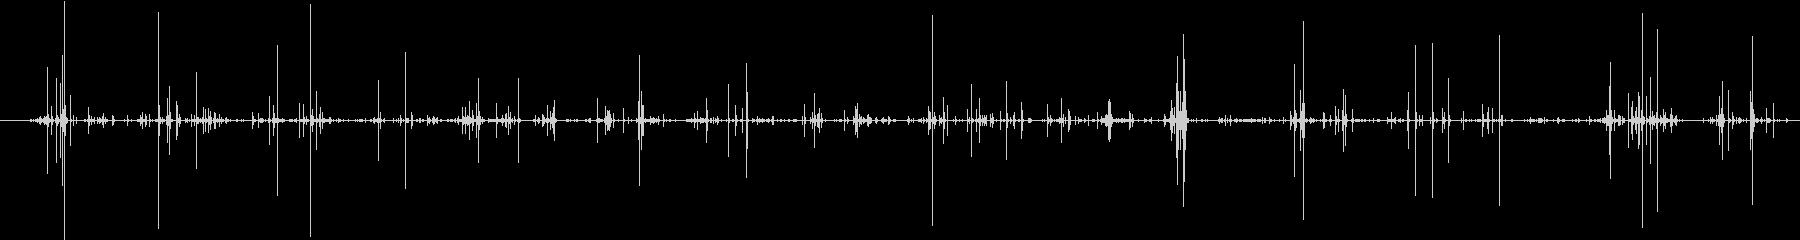 木 竹クラックシーケンス05の未再生の波形